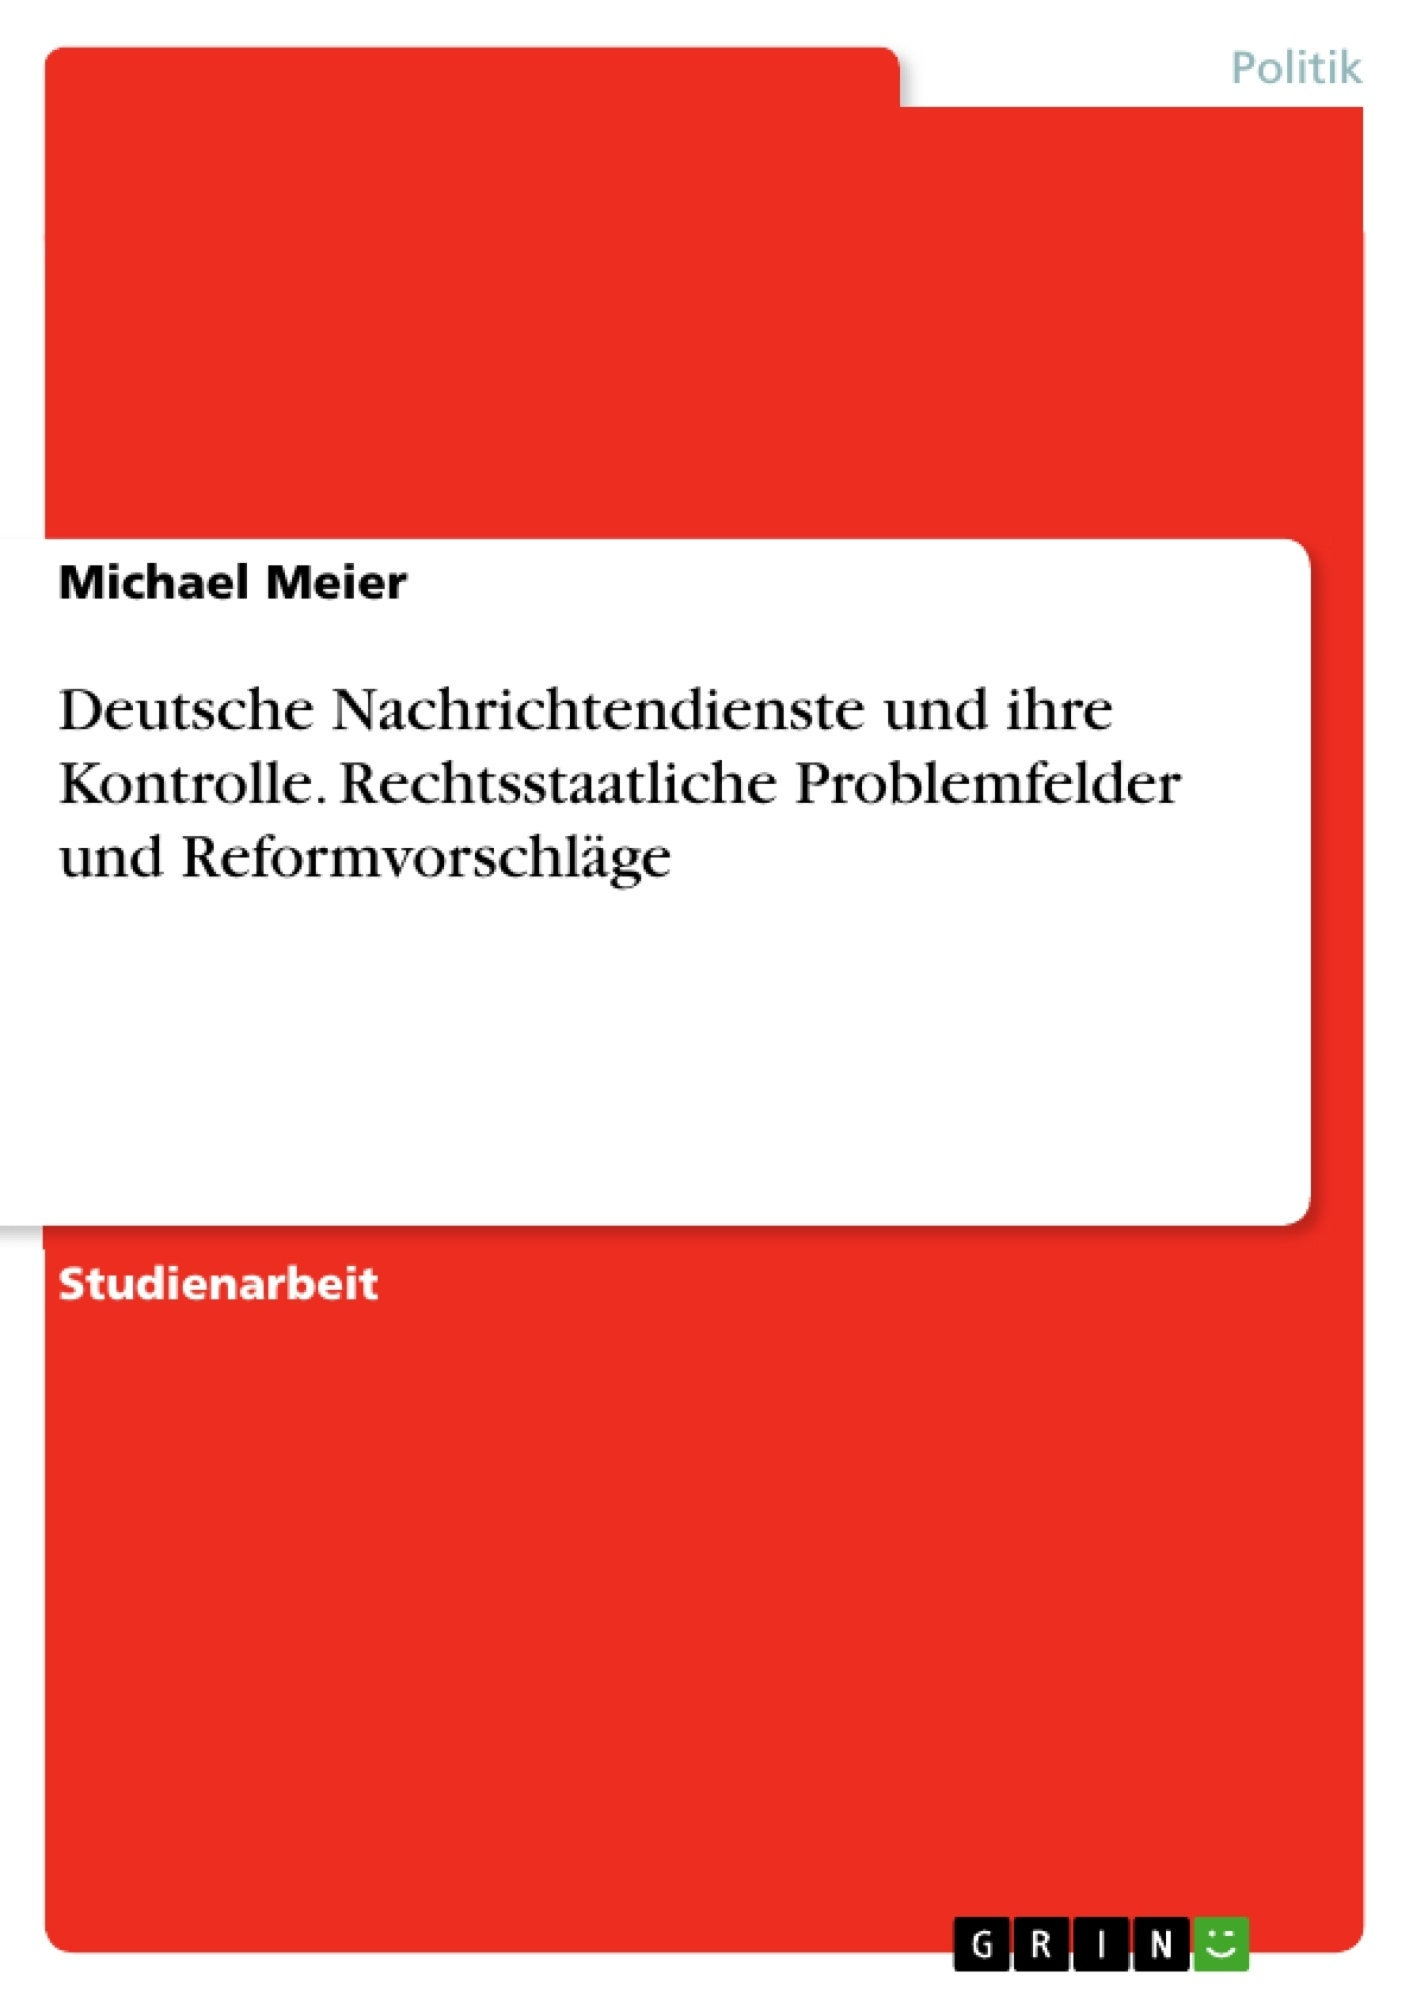 Titel: Deutsche Nachrichtendienste und ihre Kontrolle. Rechtsstaatliche Problemfelder und Reformvorschläge